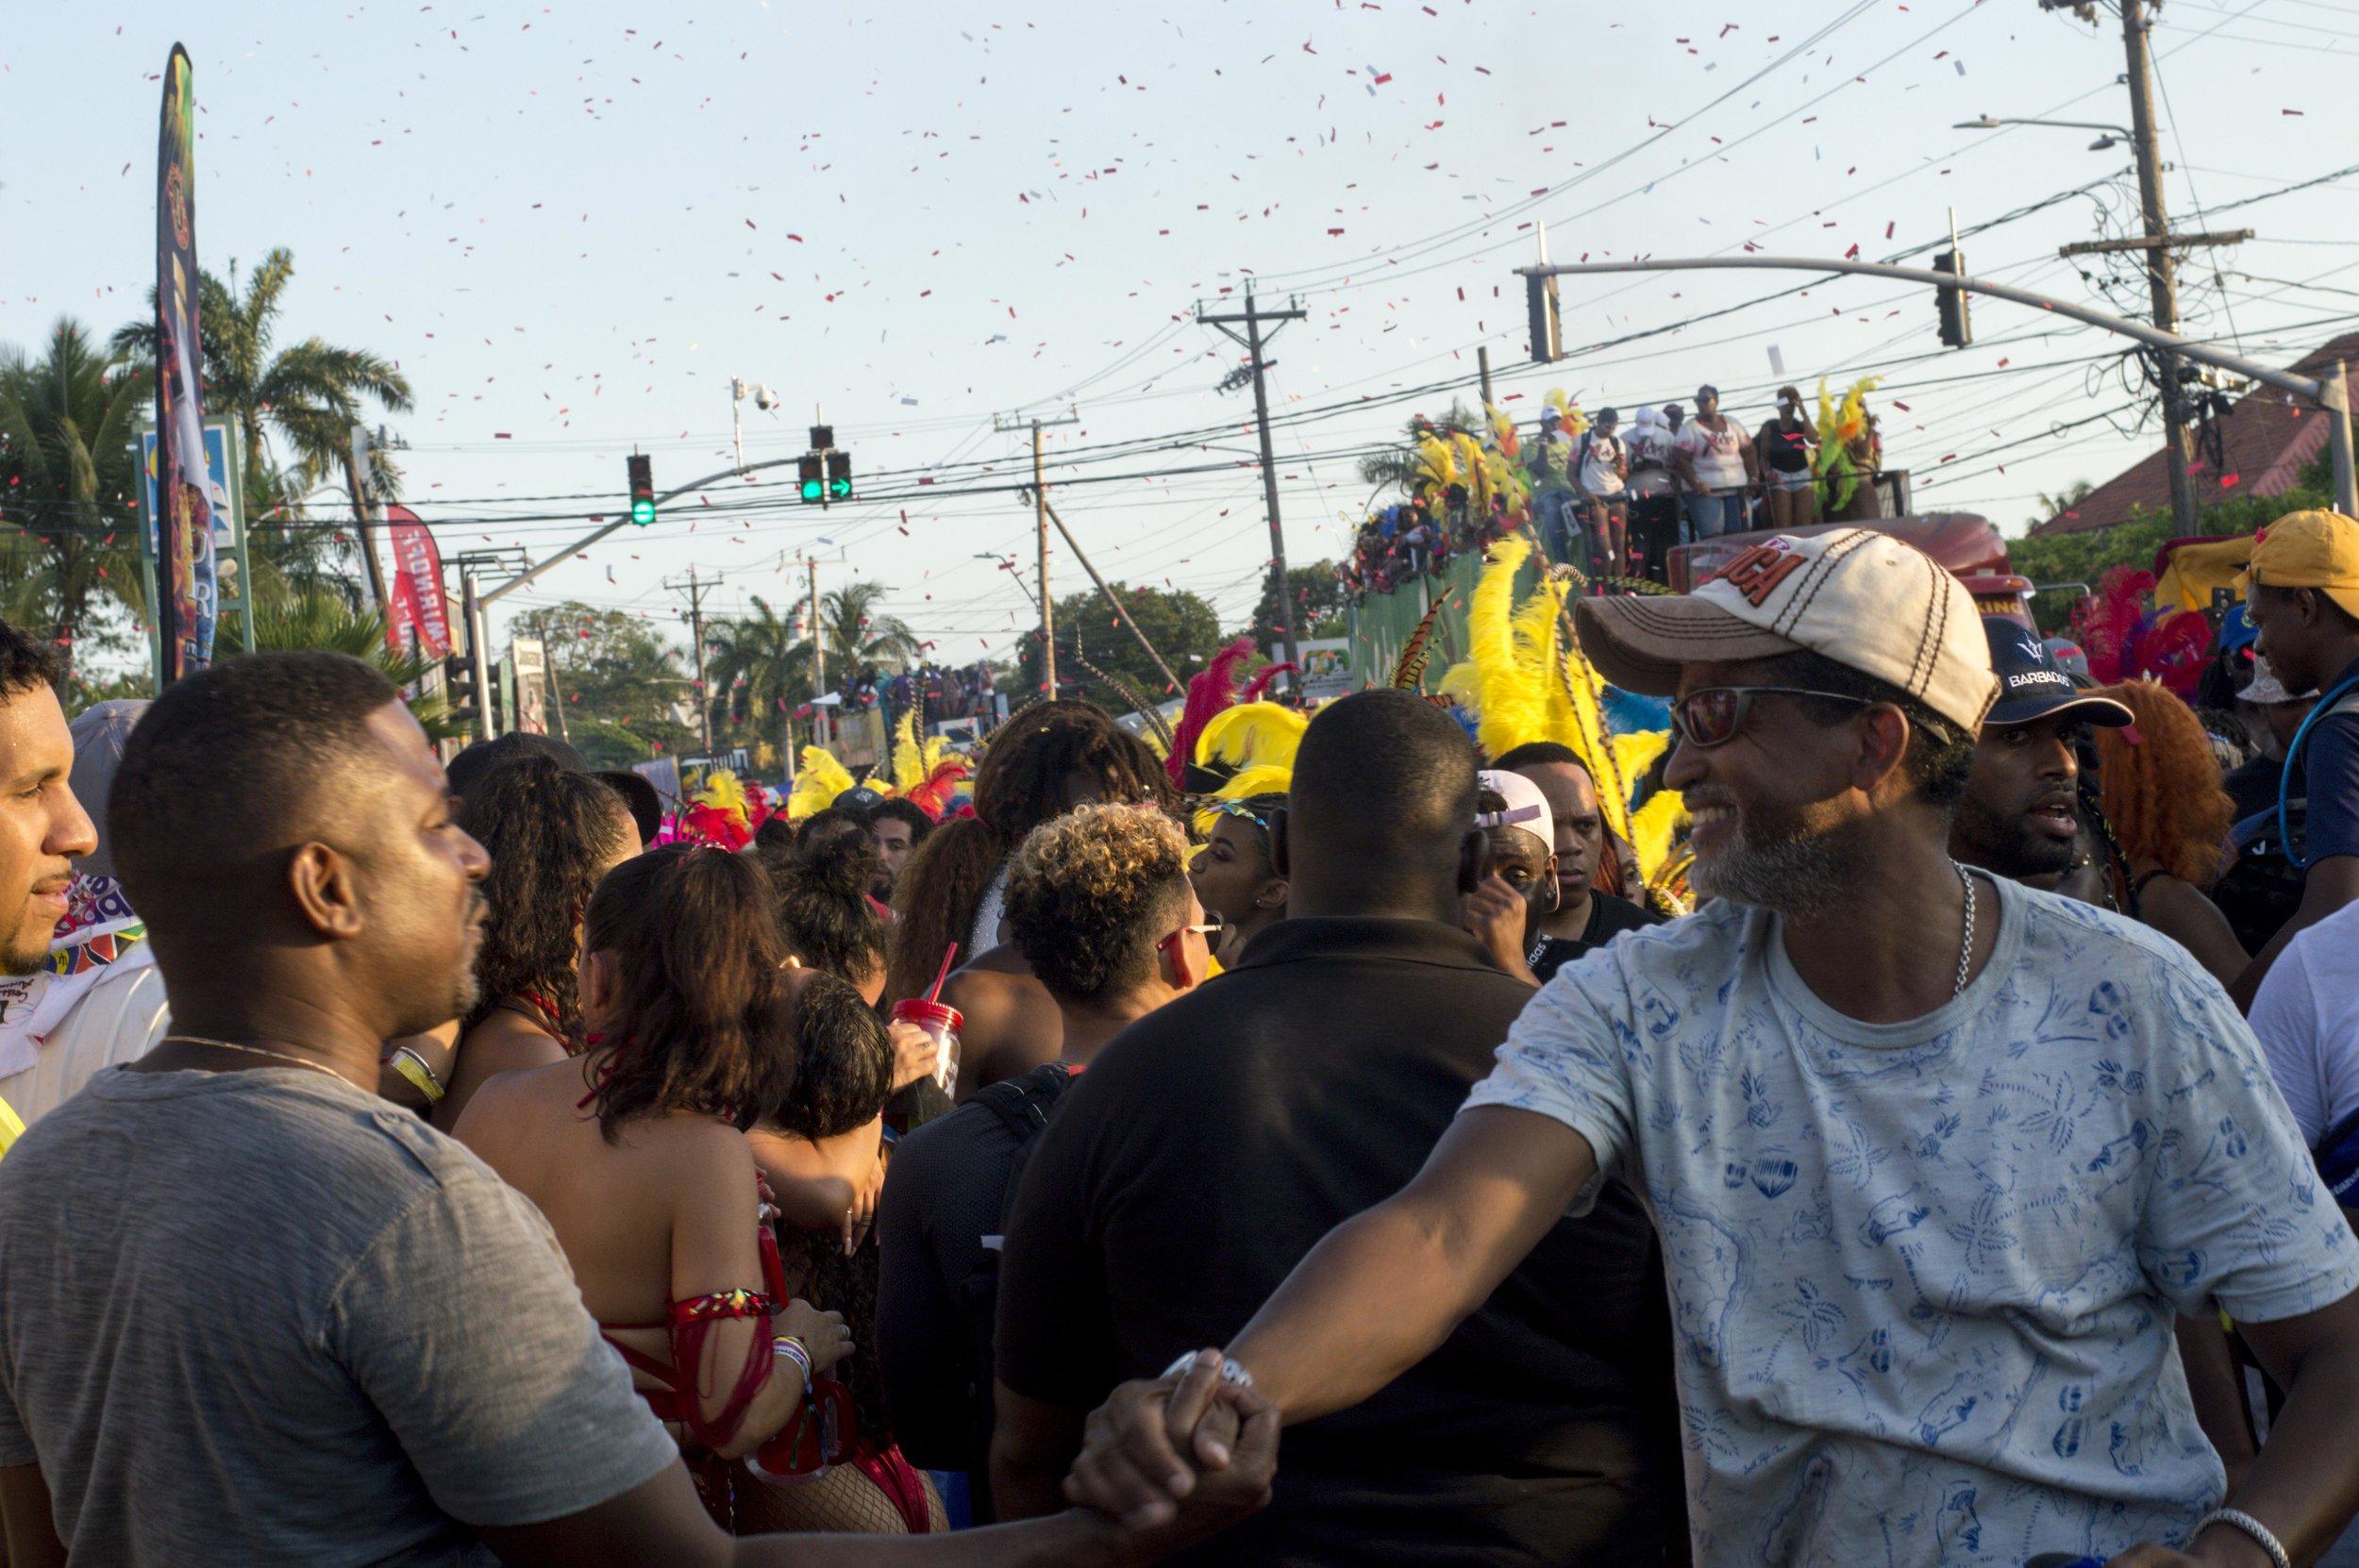 carnival2019_jeanalindo-36.jpg